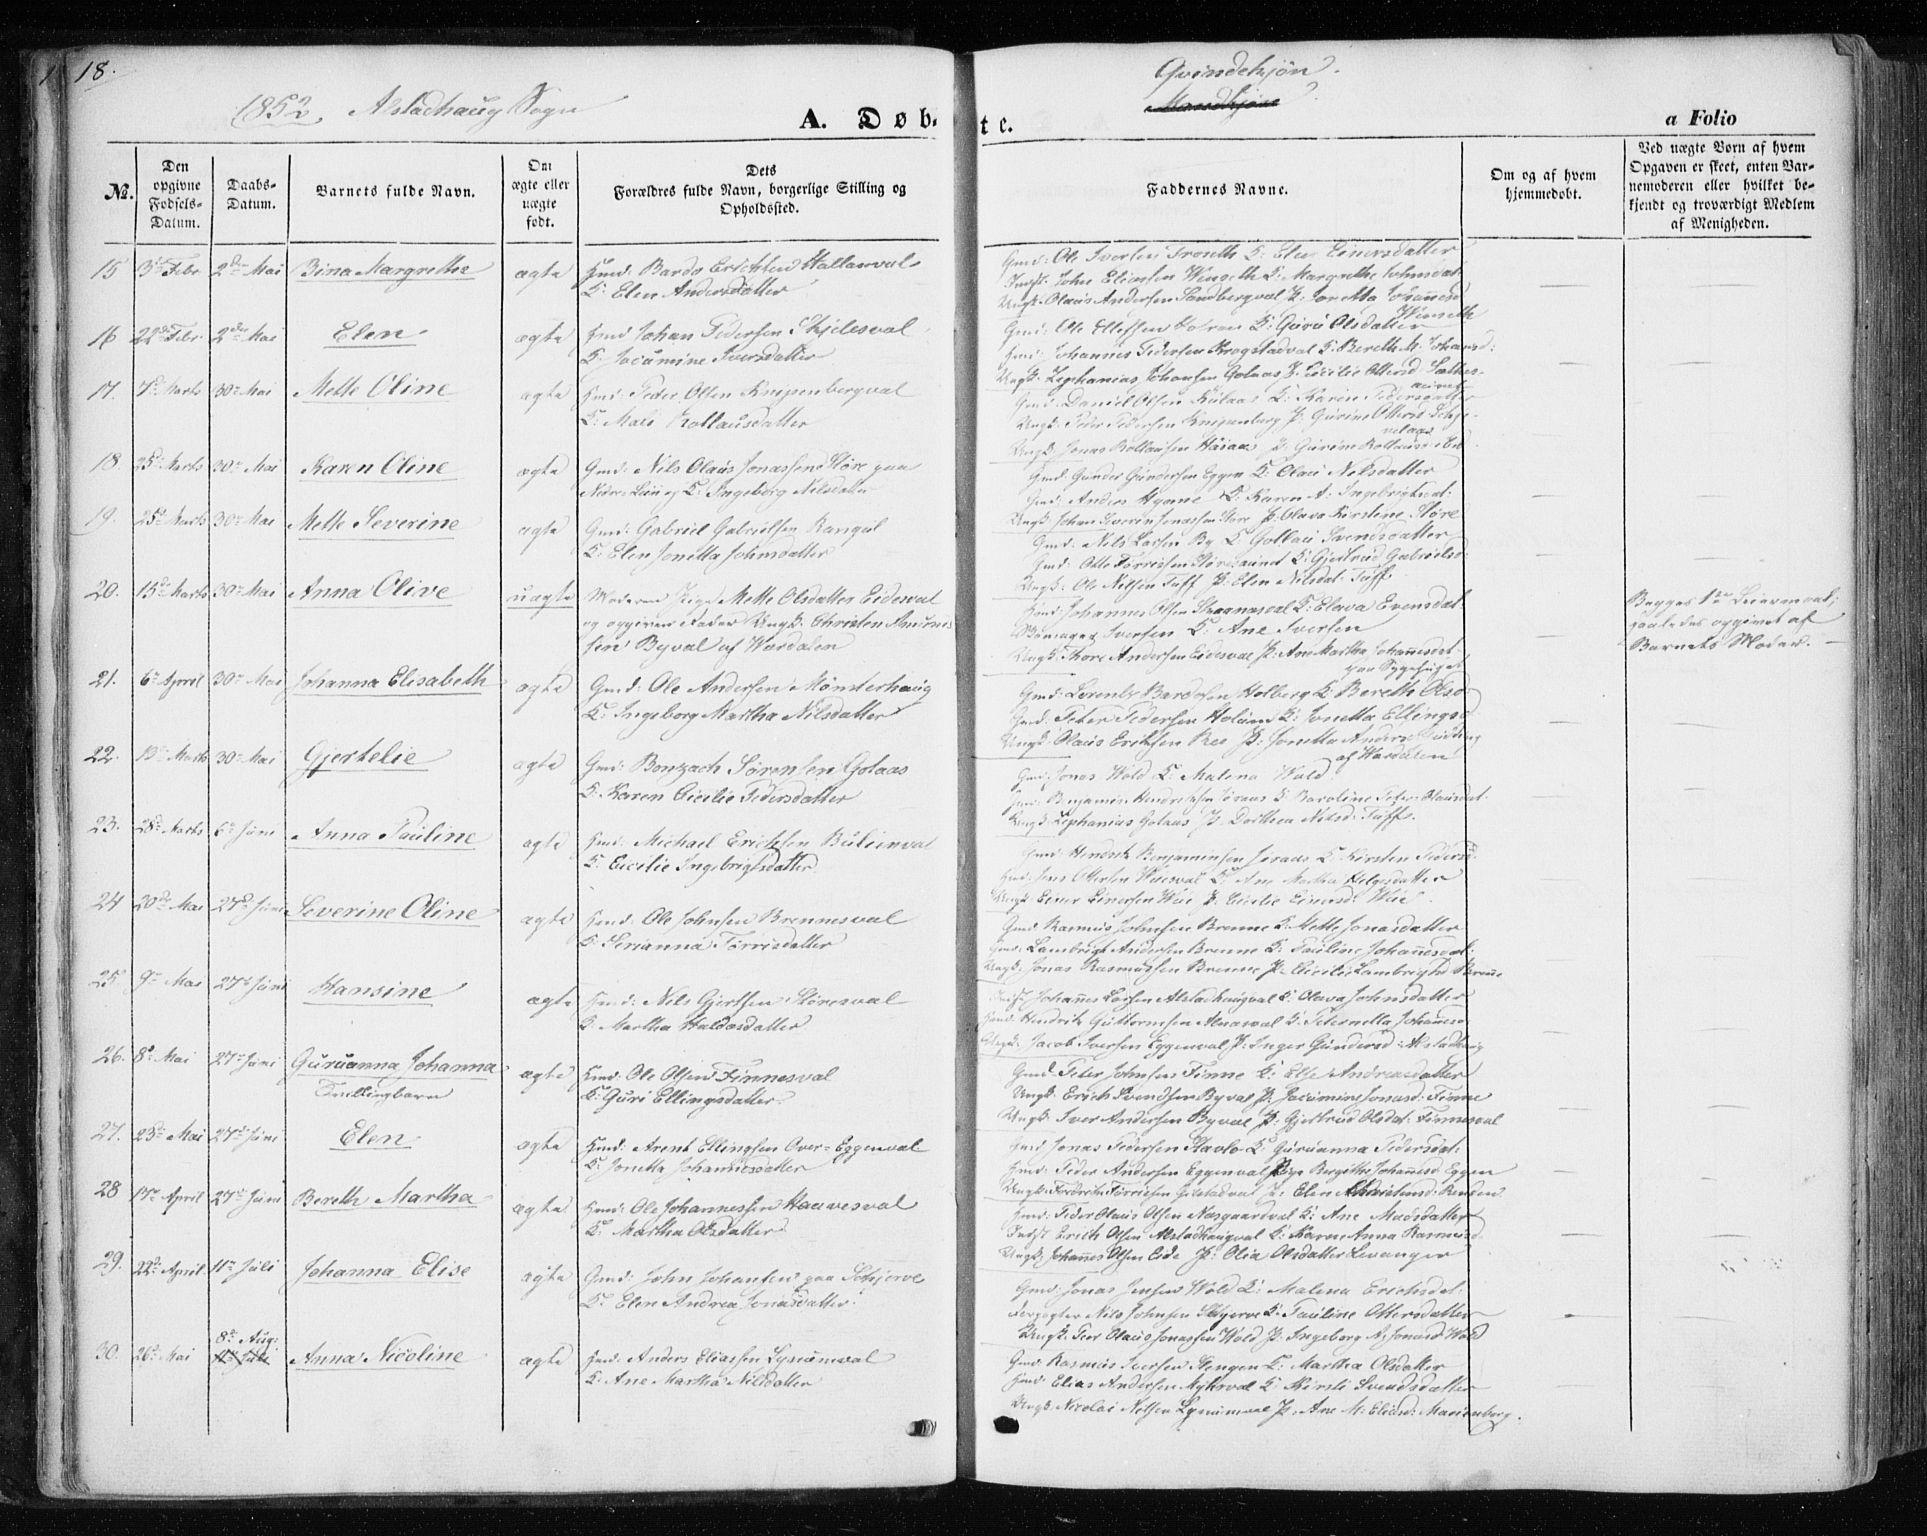 SAT, Ministerialprotokoller, klokkerbøker og fødselsregistre - Nord-Trøndelag, 717/L0154: Ministerialbok nr. 717A07 /1, 1850-1862, s. 18